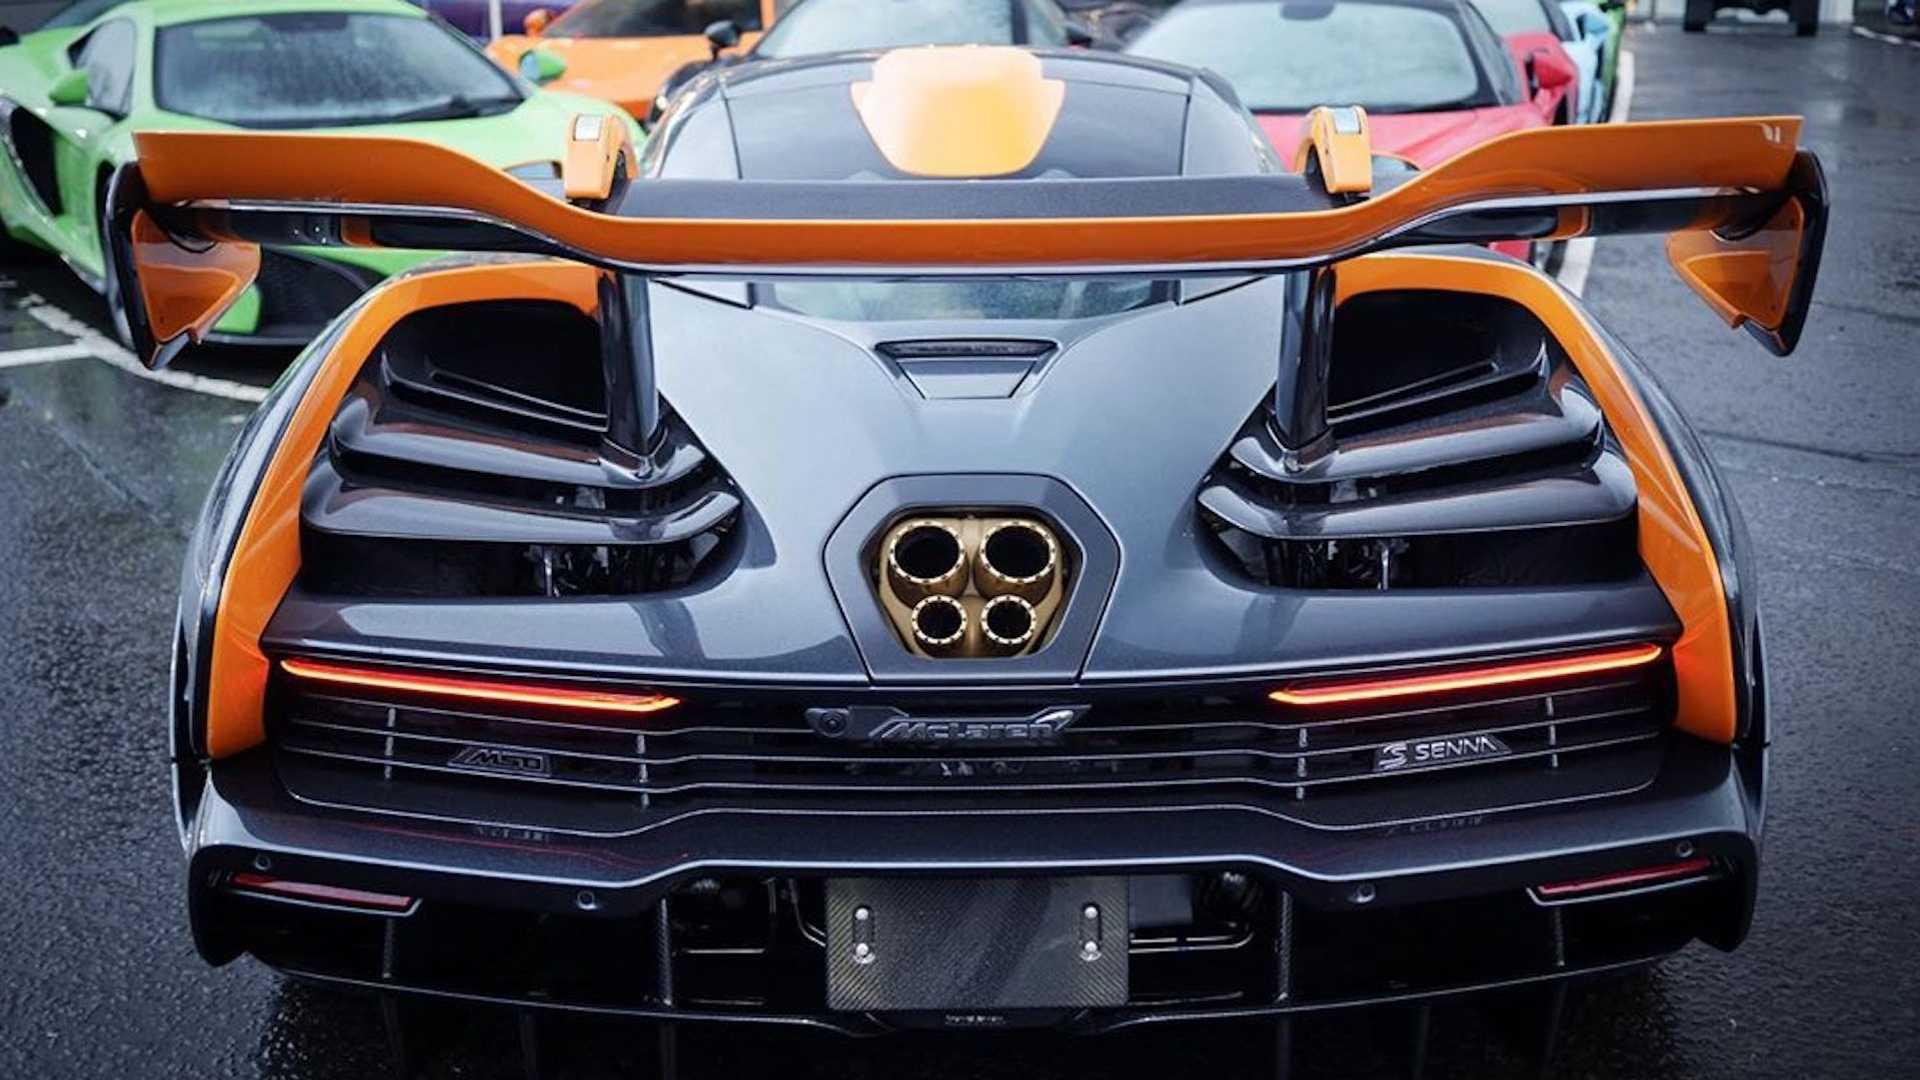 McLaren-Senna-LM-from-McLaren-Glasgow-2